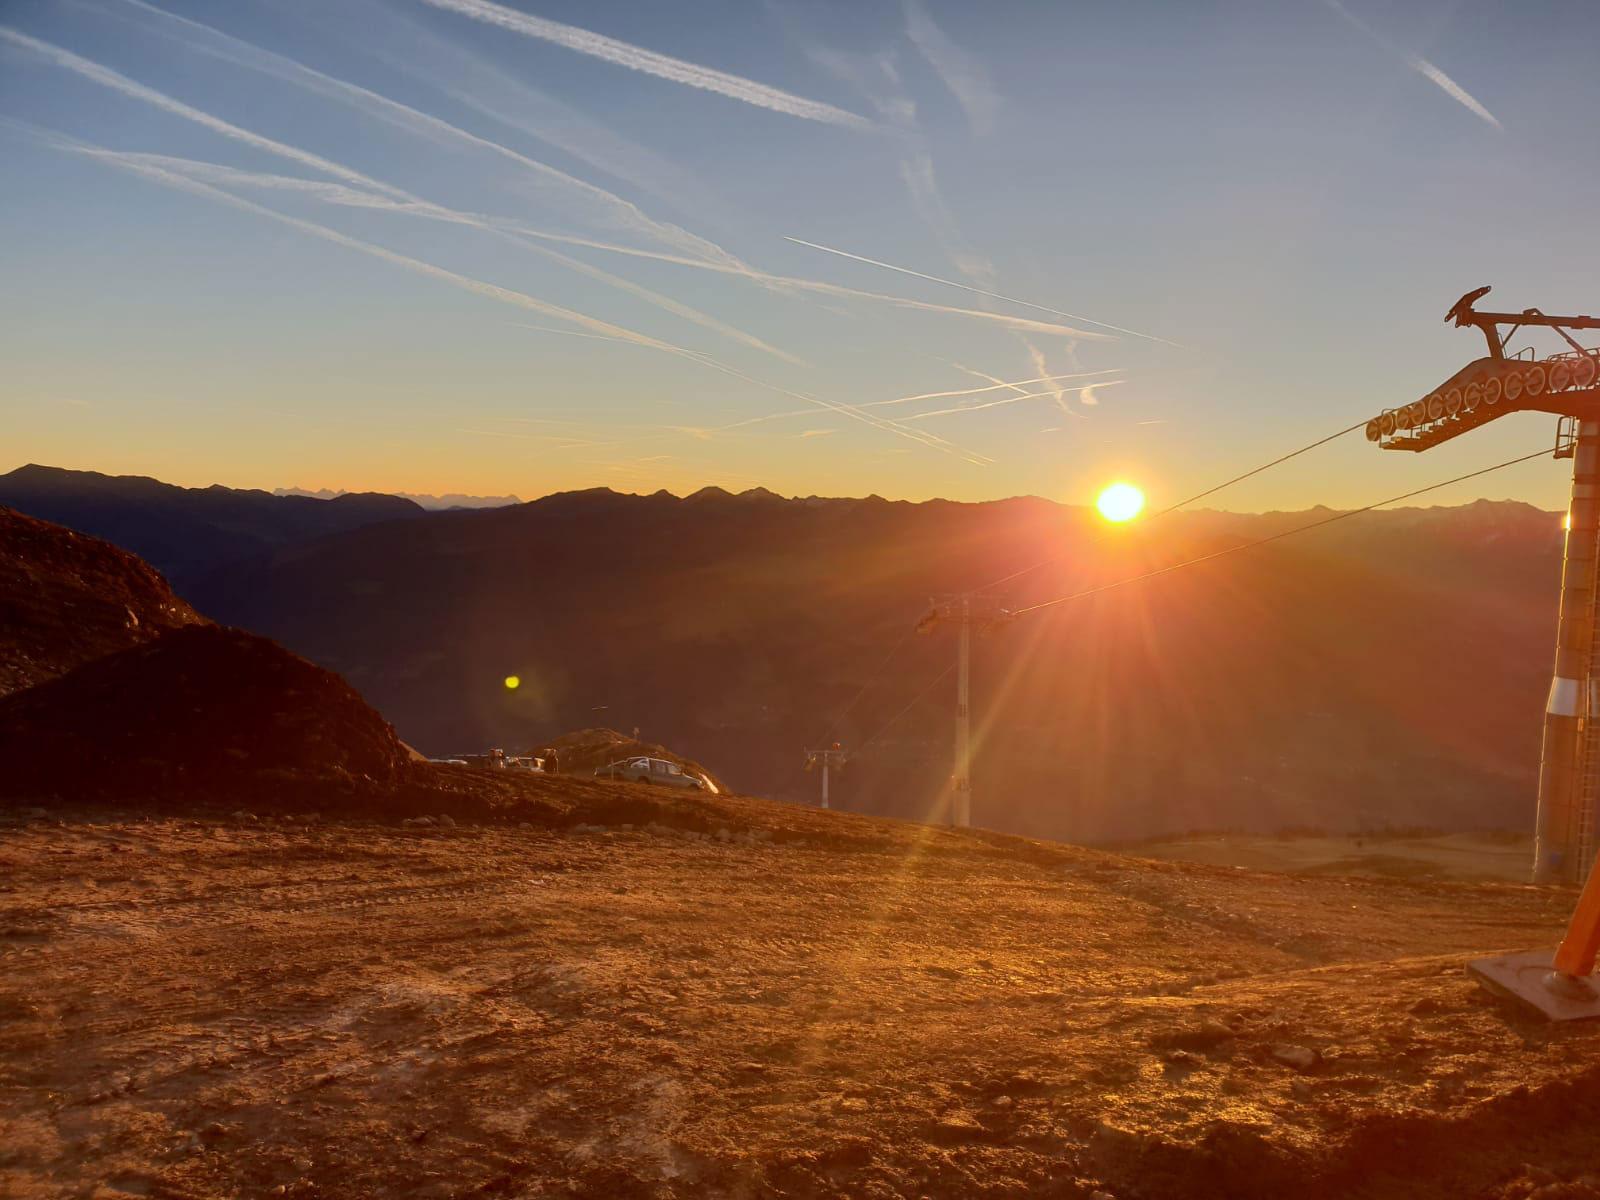 Beschallung - Wimbach Express - Hochzillertal - Schneebar - Klangwolken I AVsolutions